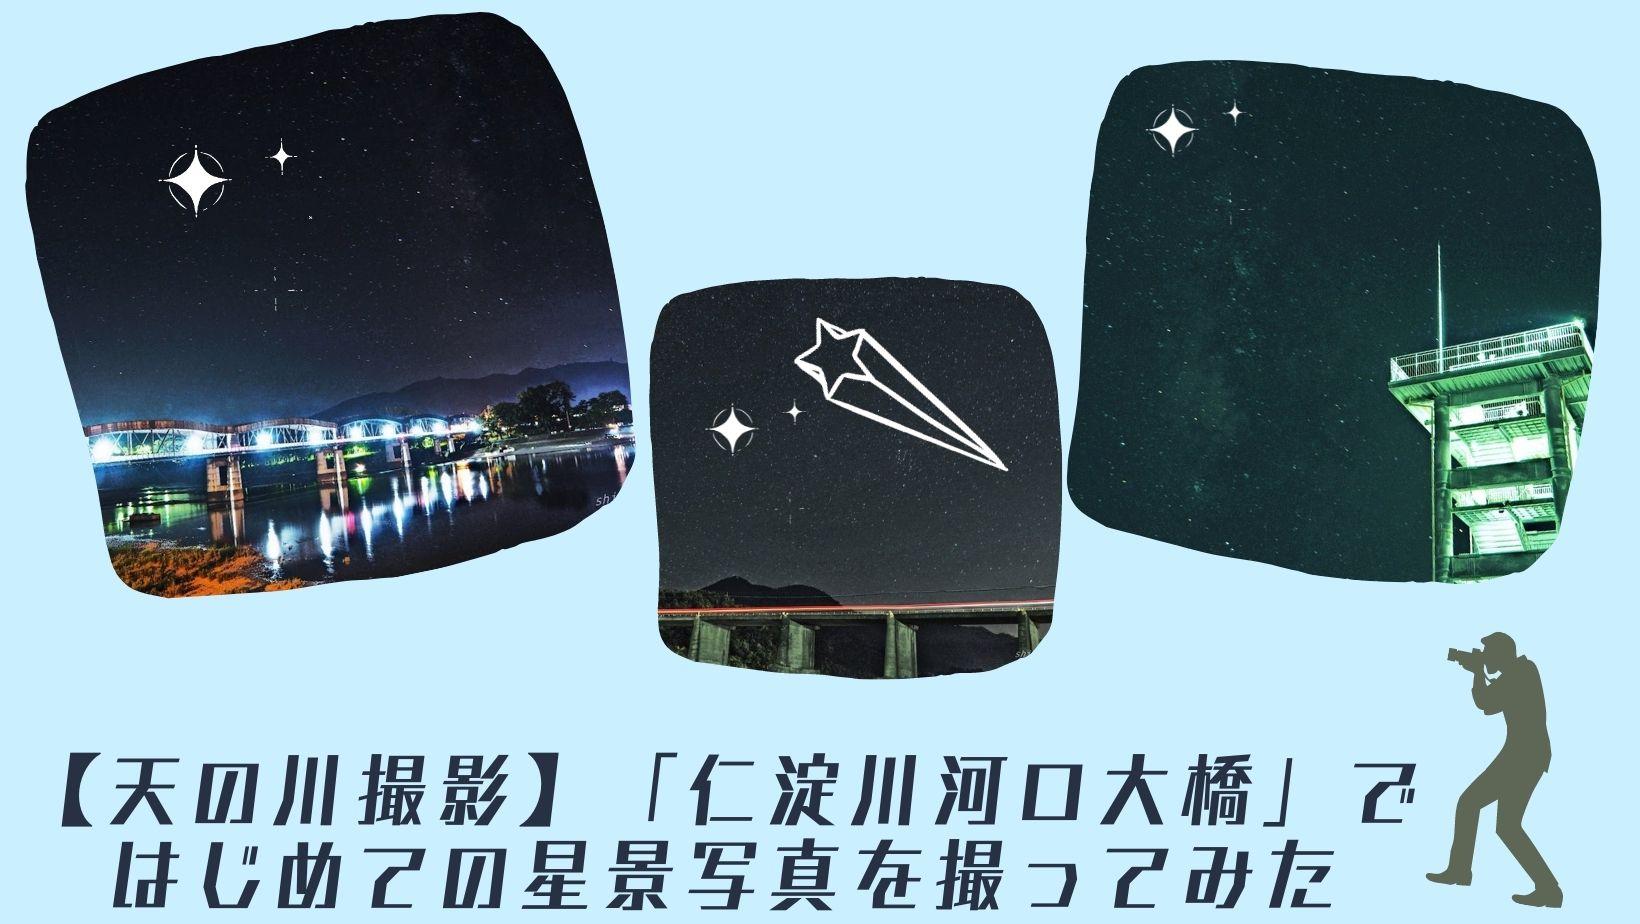 【天の川撮影】「仁淀川河口大橋」ではじめての星景写真を撮ってみた